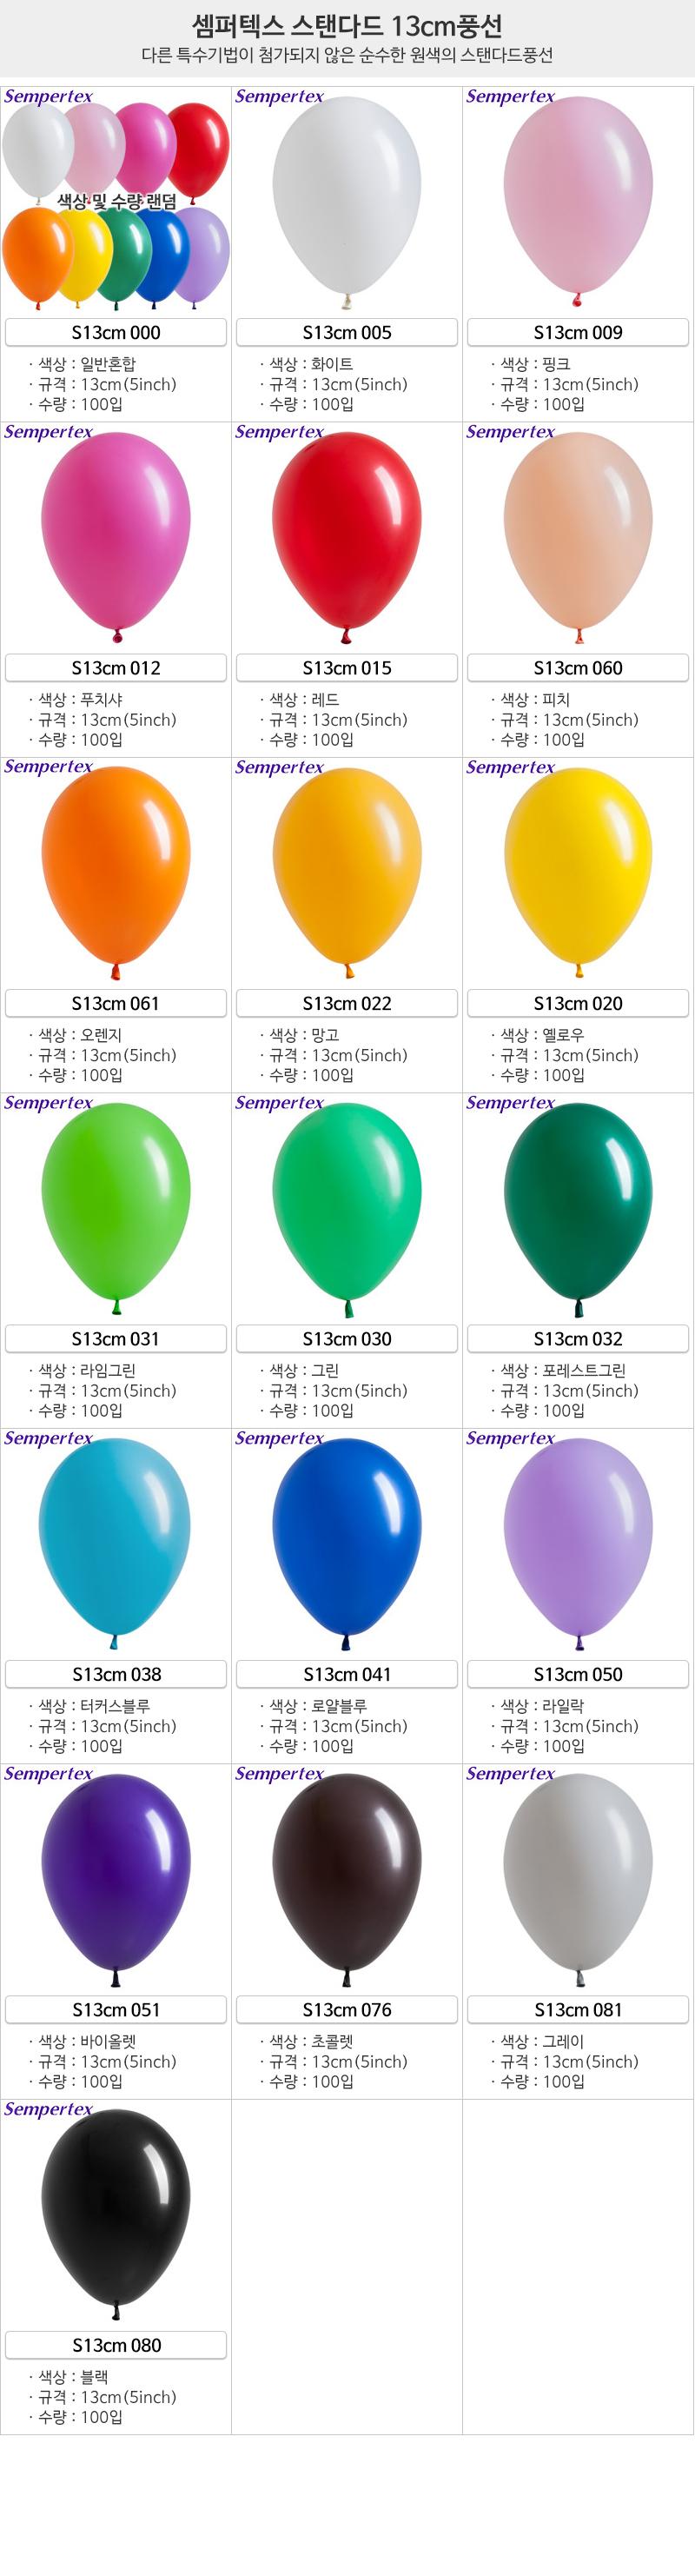 셈퍼텍스 13cm풍선(5인치) 화이트 100입 - 파티마트, 5,400원, 파티용품, 풍선/세트